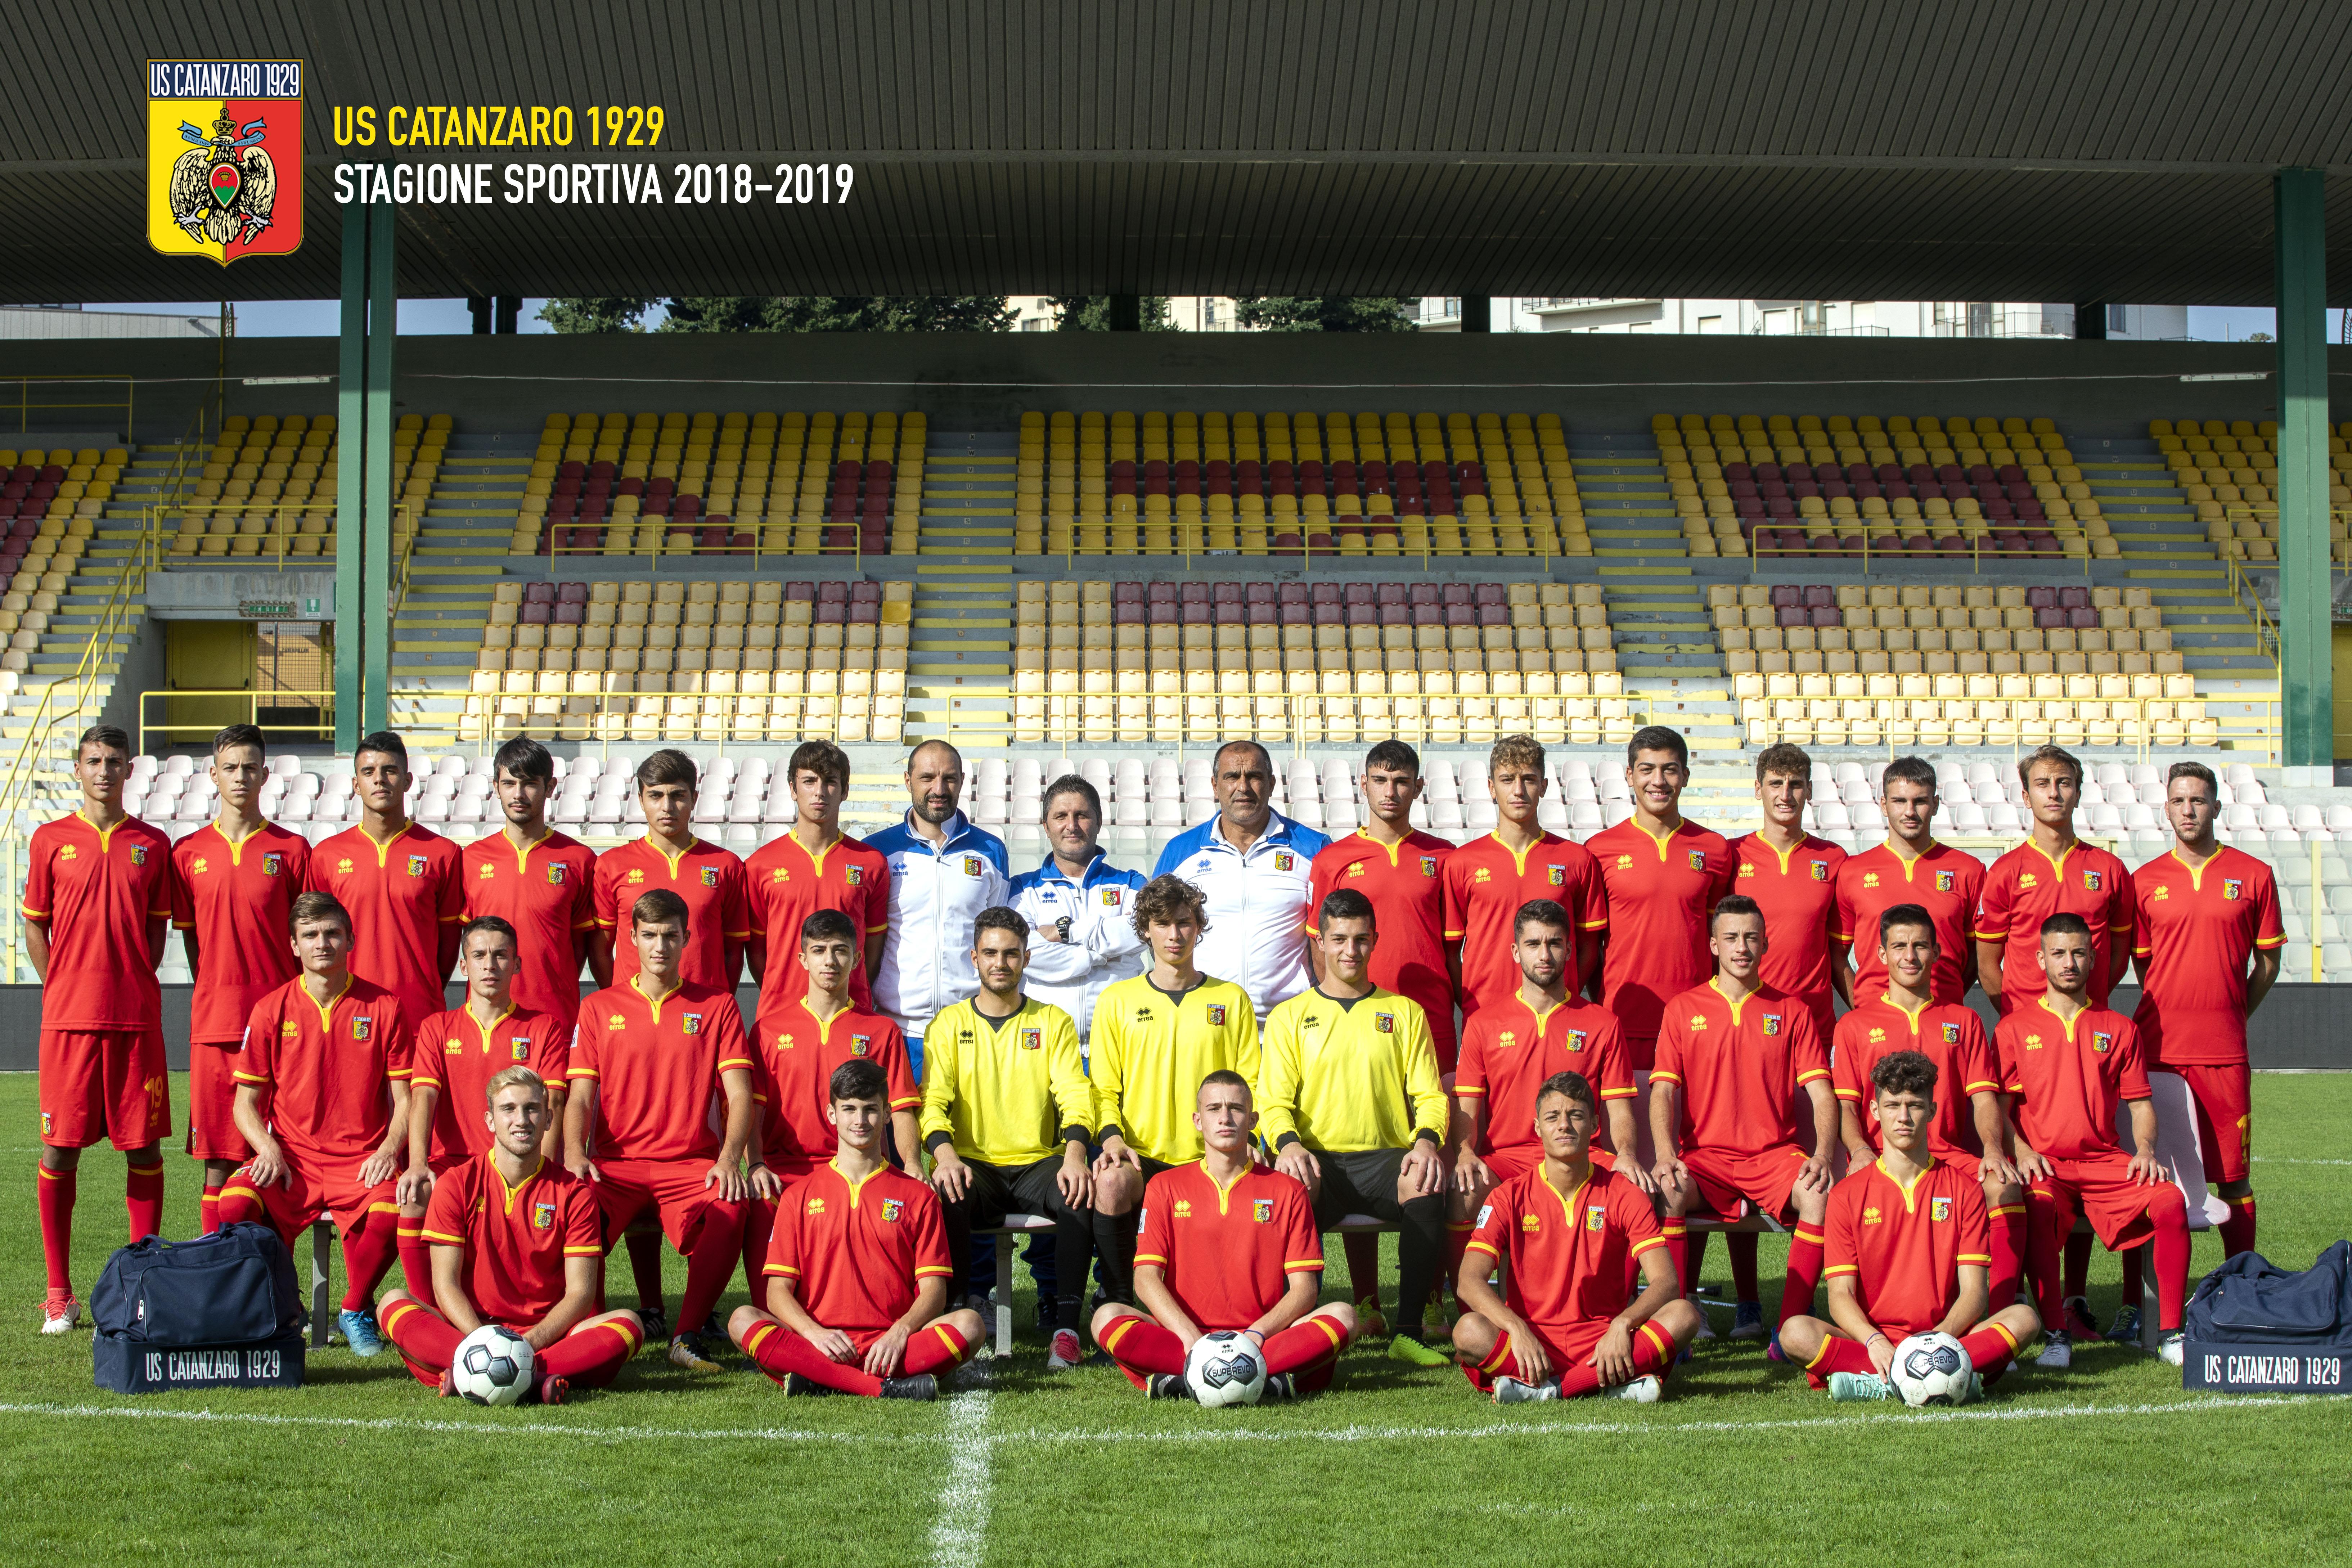 en-plein-di-vittorie-dal-settore-giovanile-giallorosso